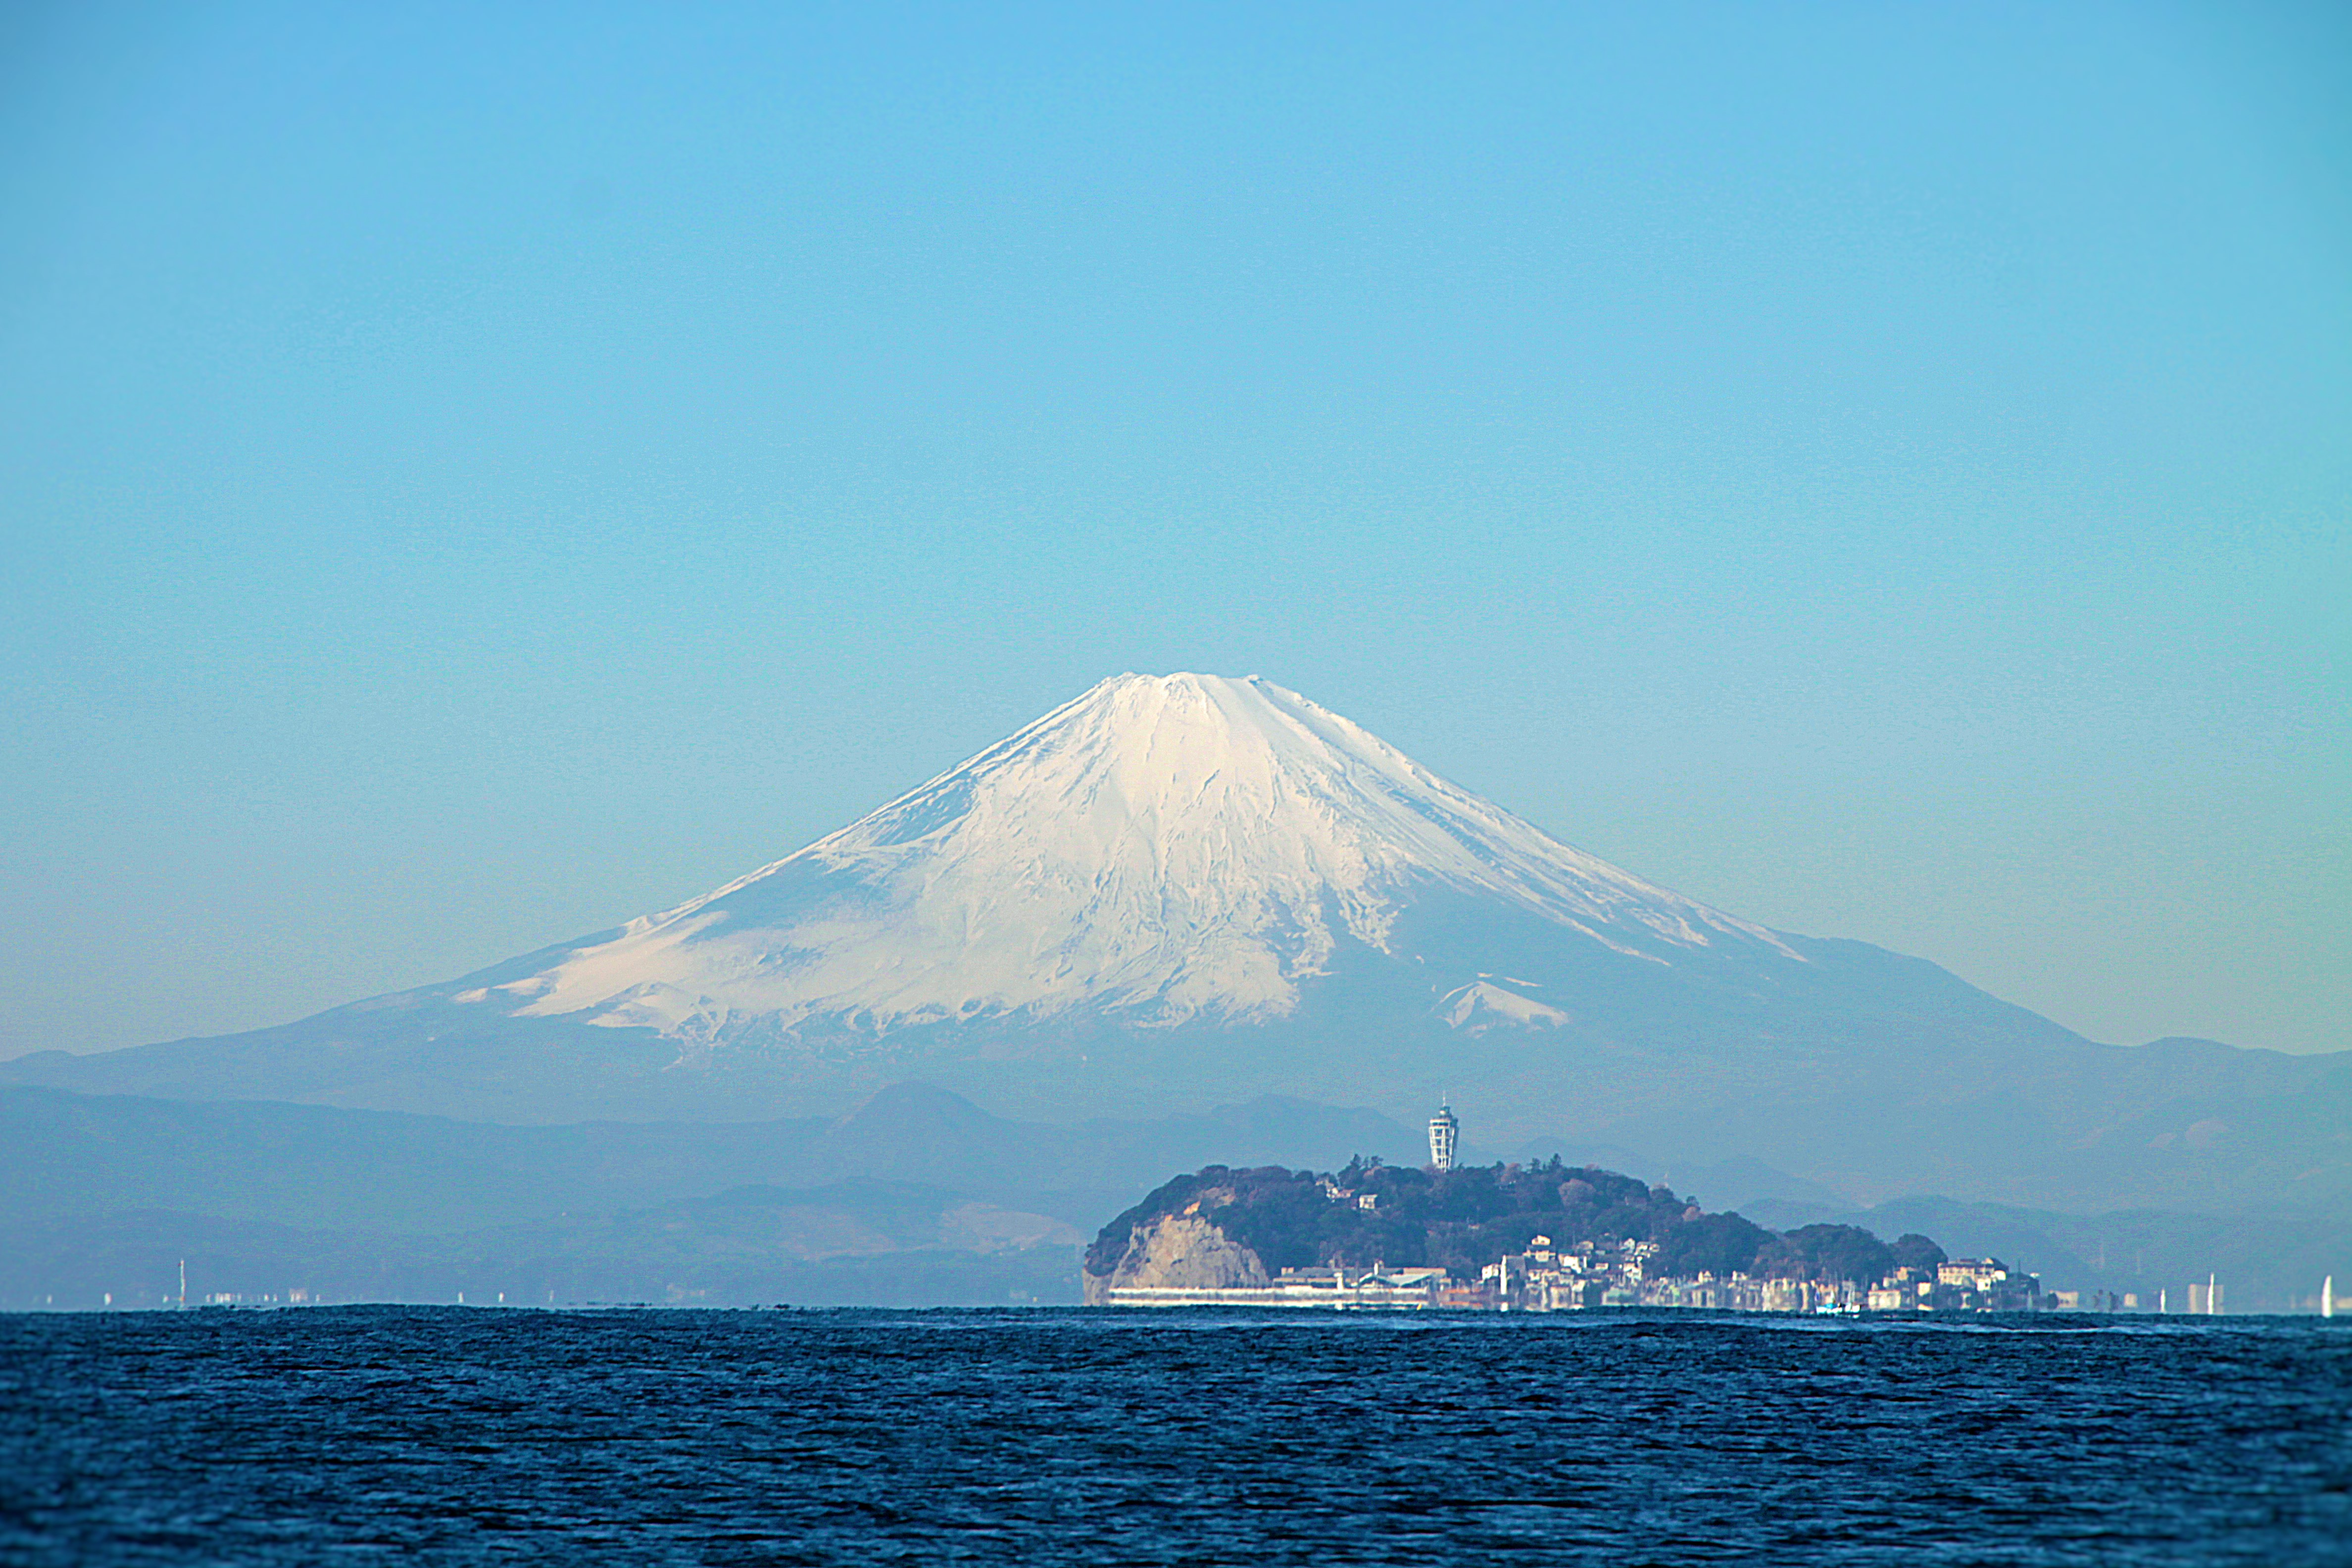 ホームゲレンデの逗子湾からの江の島と富士山